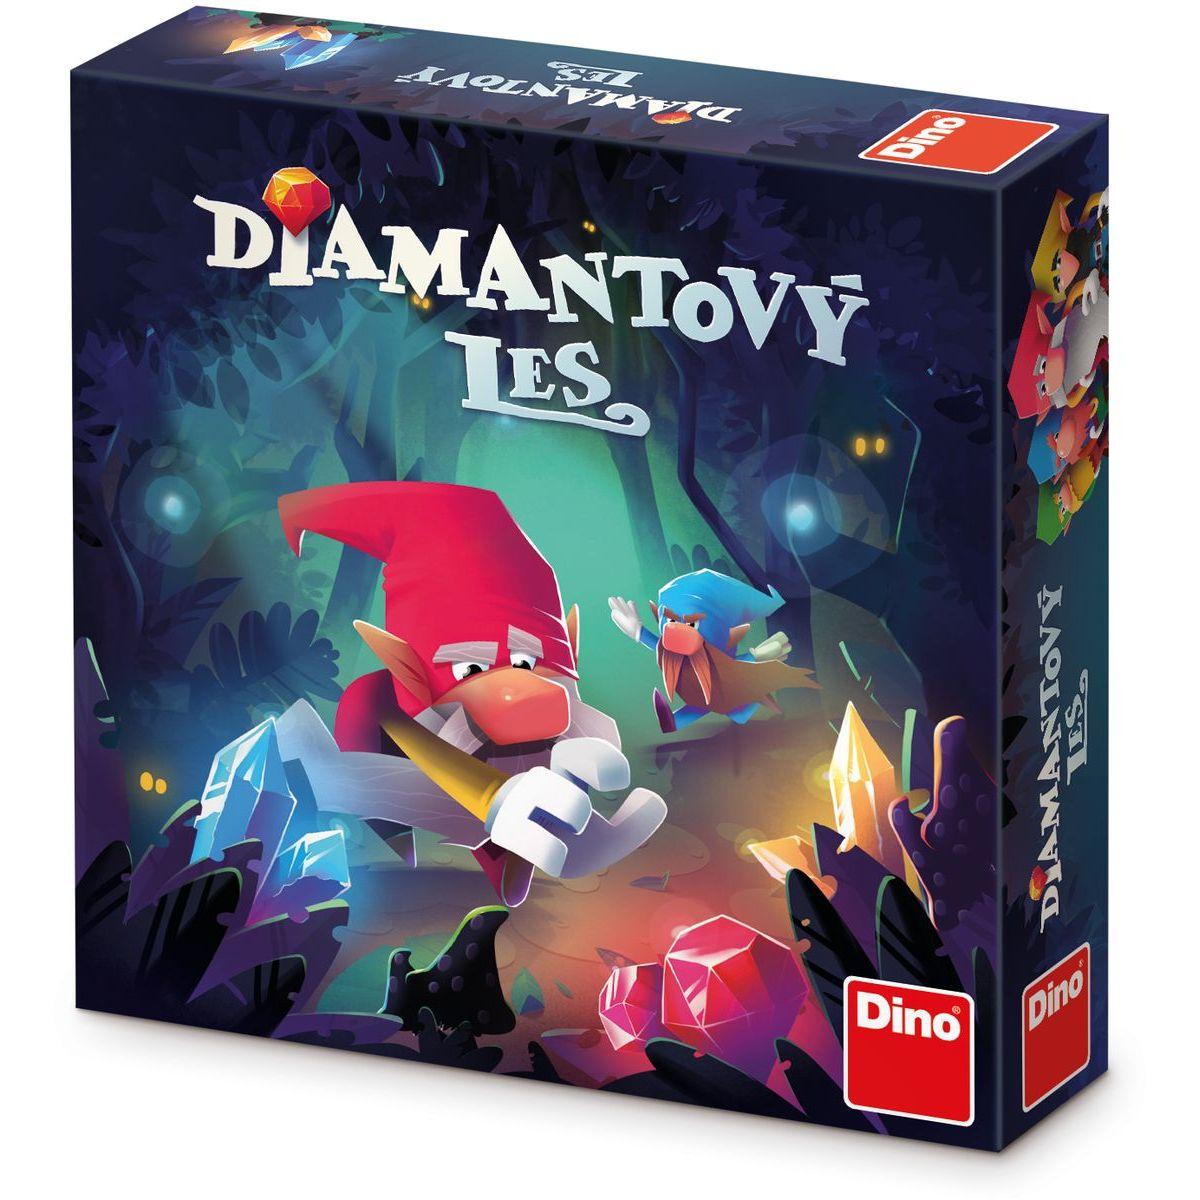 Dino Diamantový les Detská hra